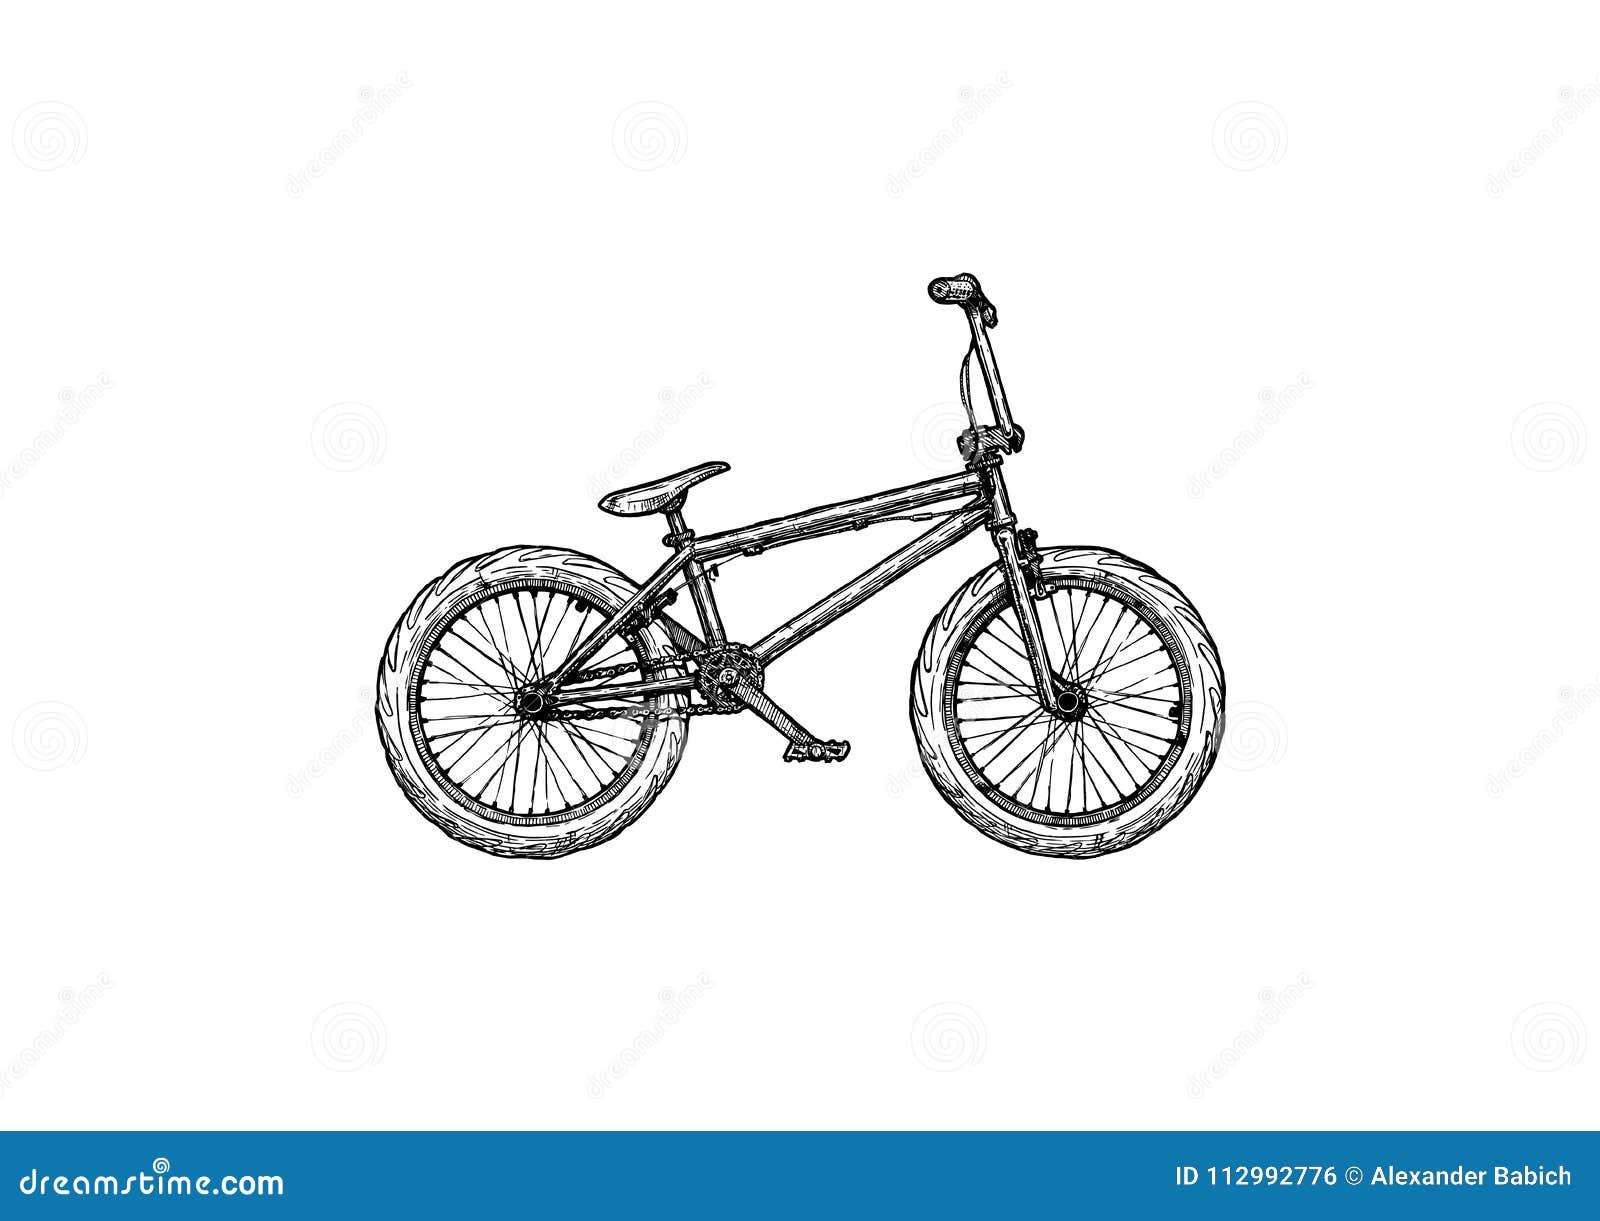 Illustratie van BMX-fiets